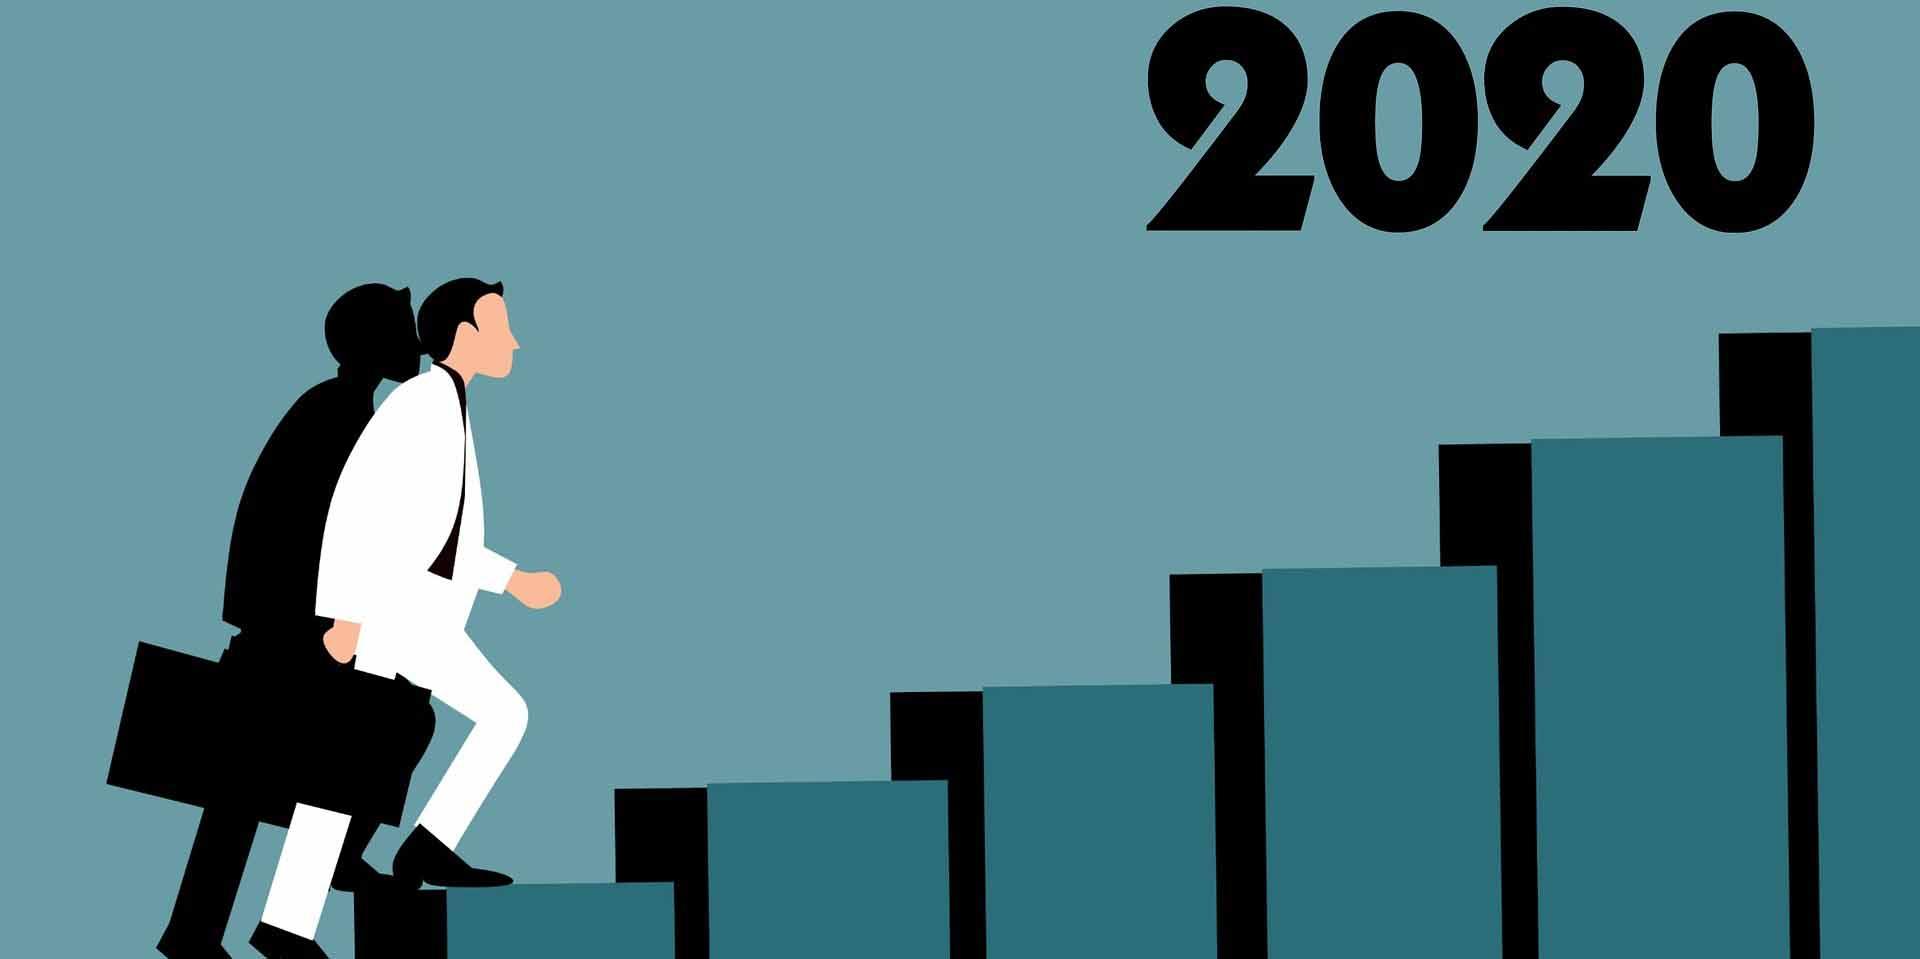 держбюджет 2020. онлайн бухгалтерія БукКіпер